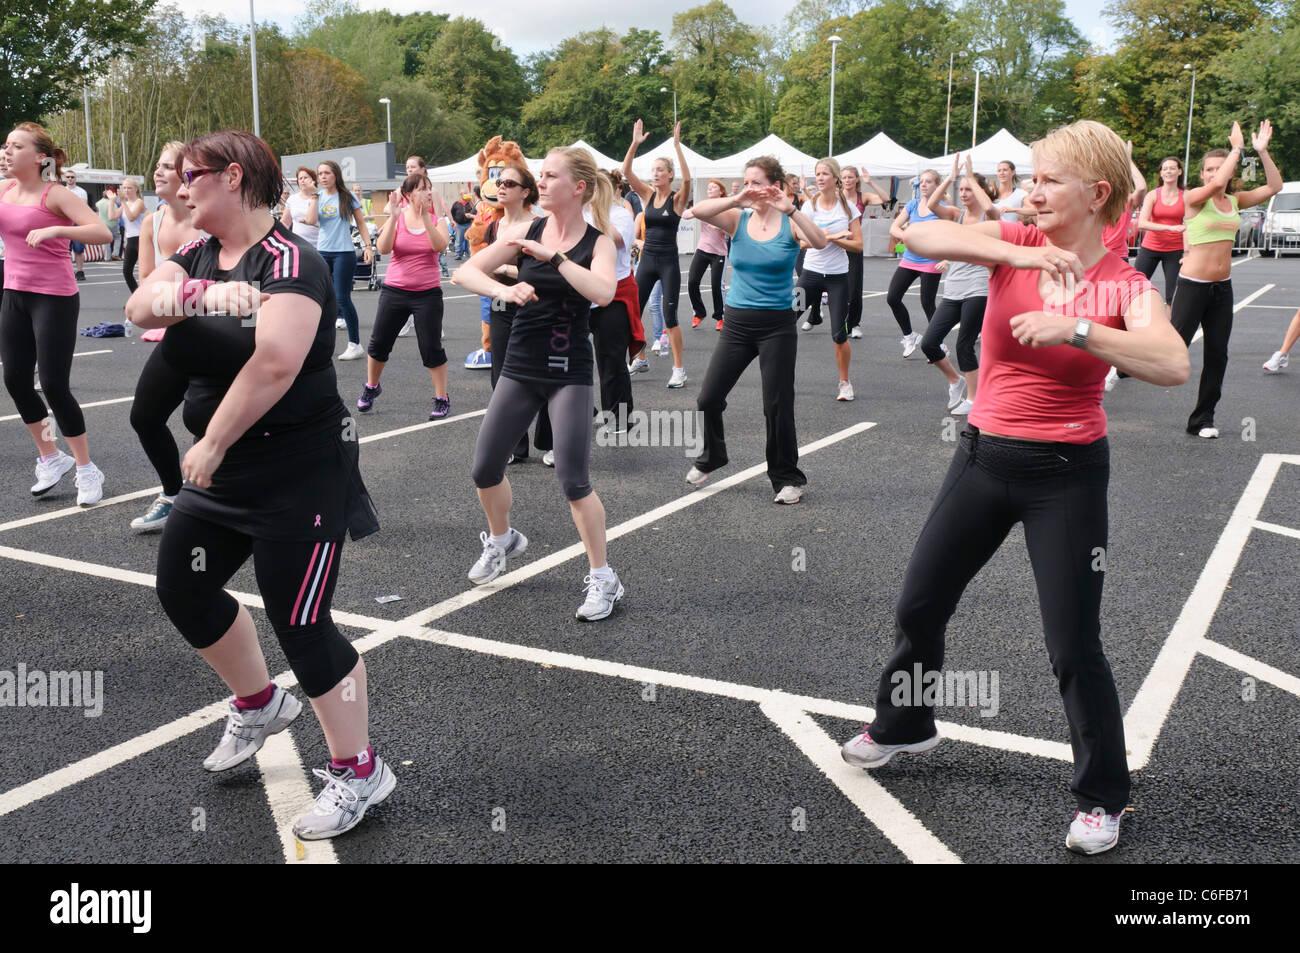 Gran número de señoras participar en una clase de Zumba exterior Imagen De Stock